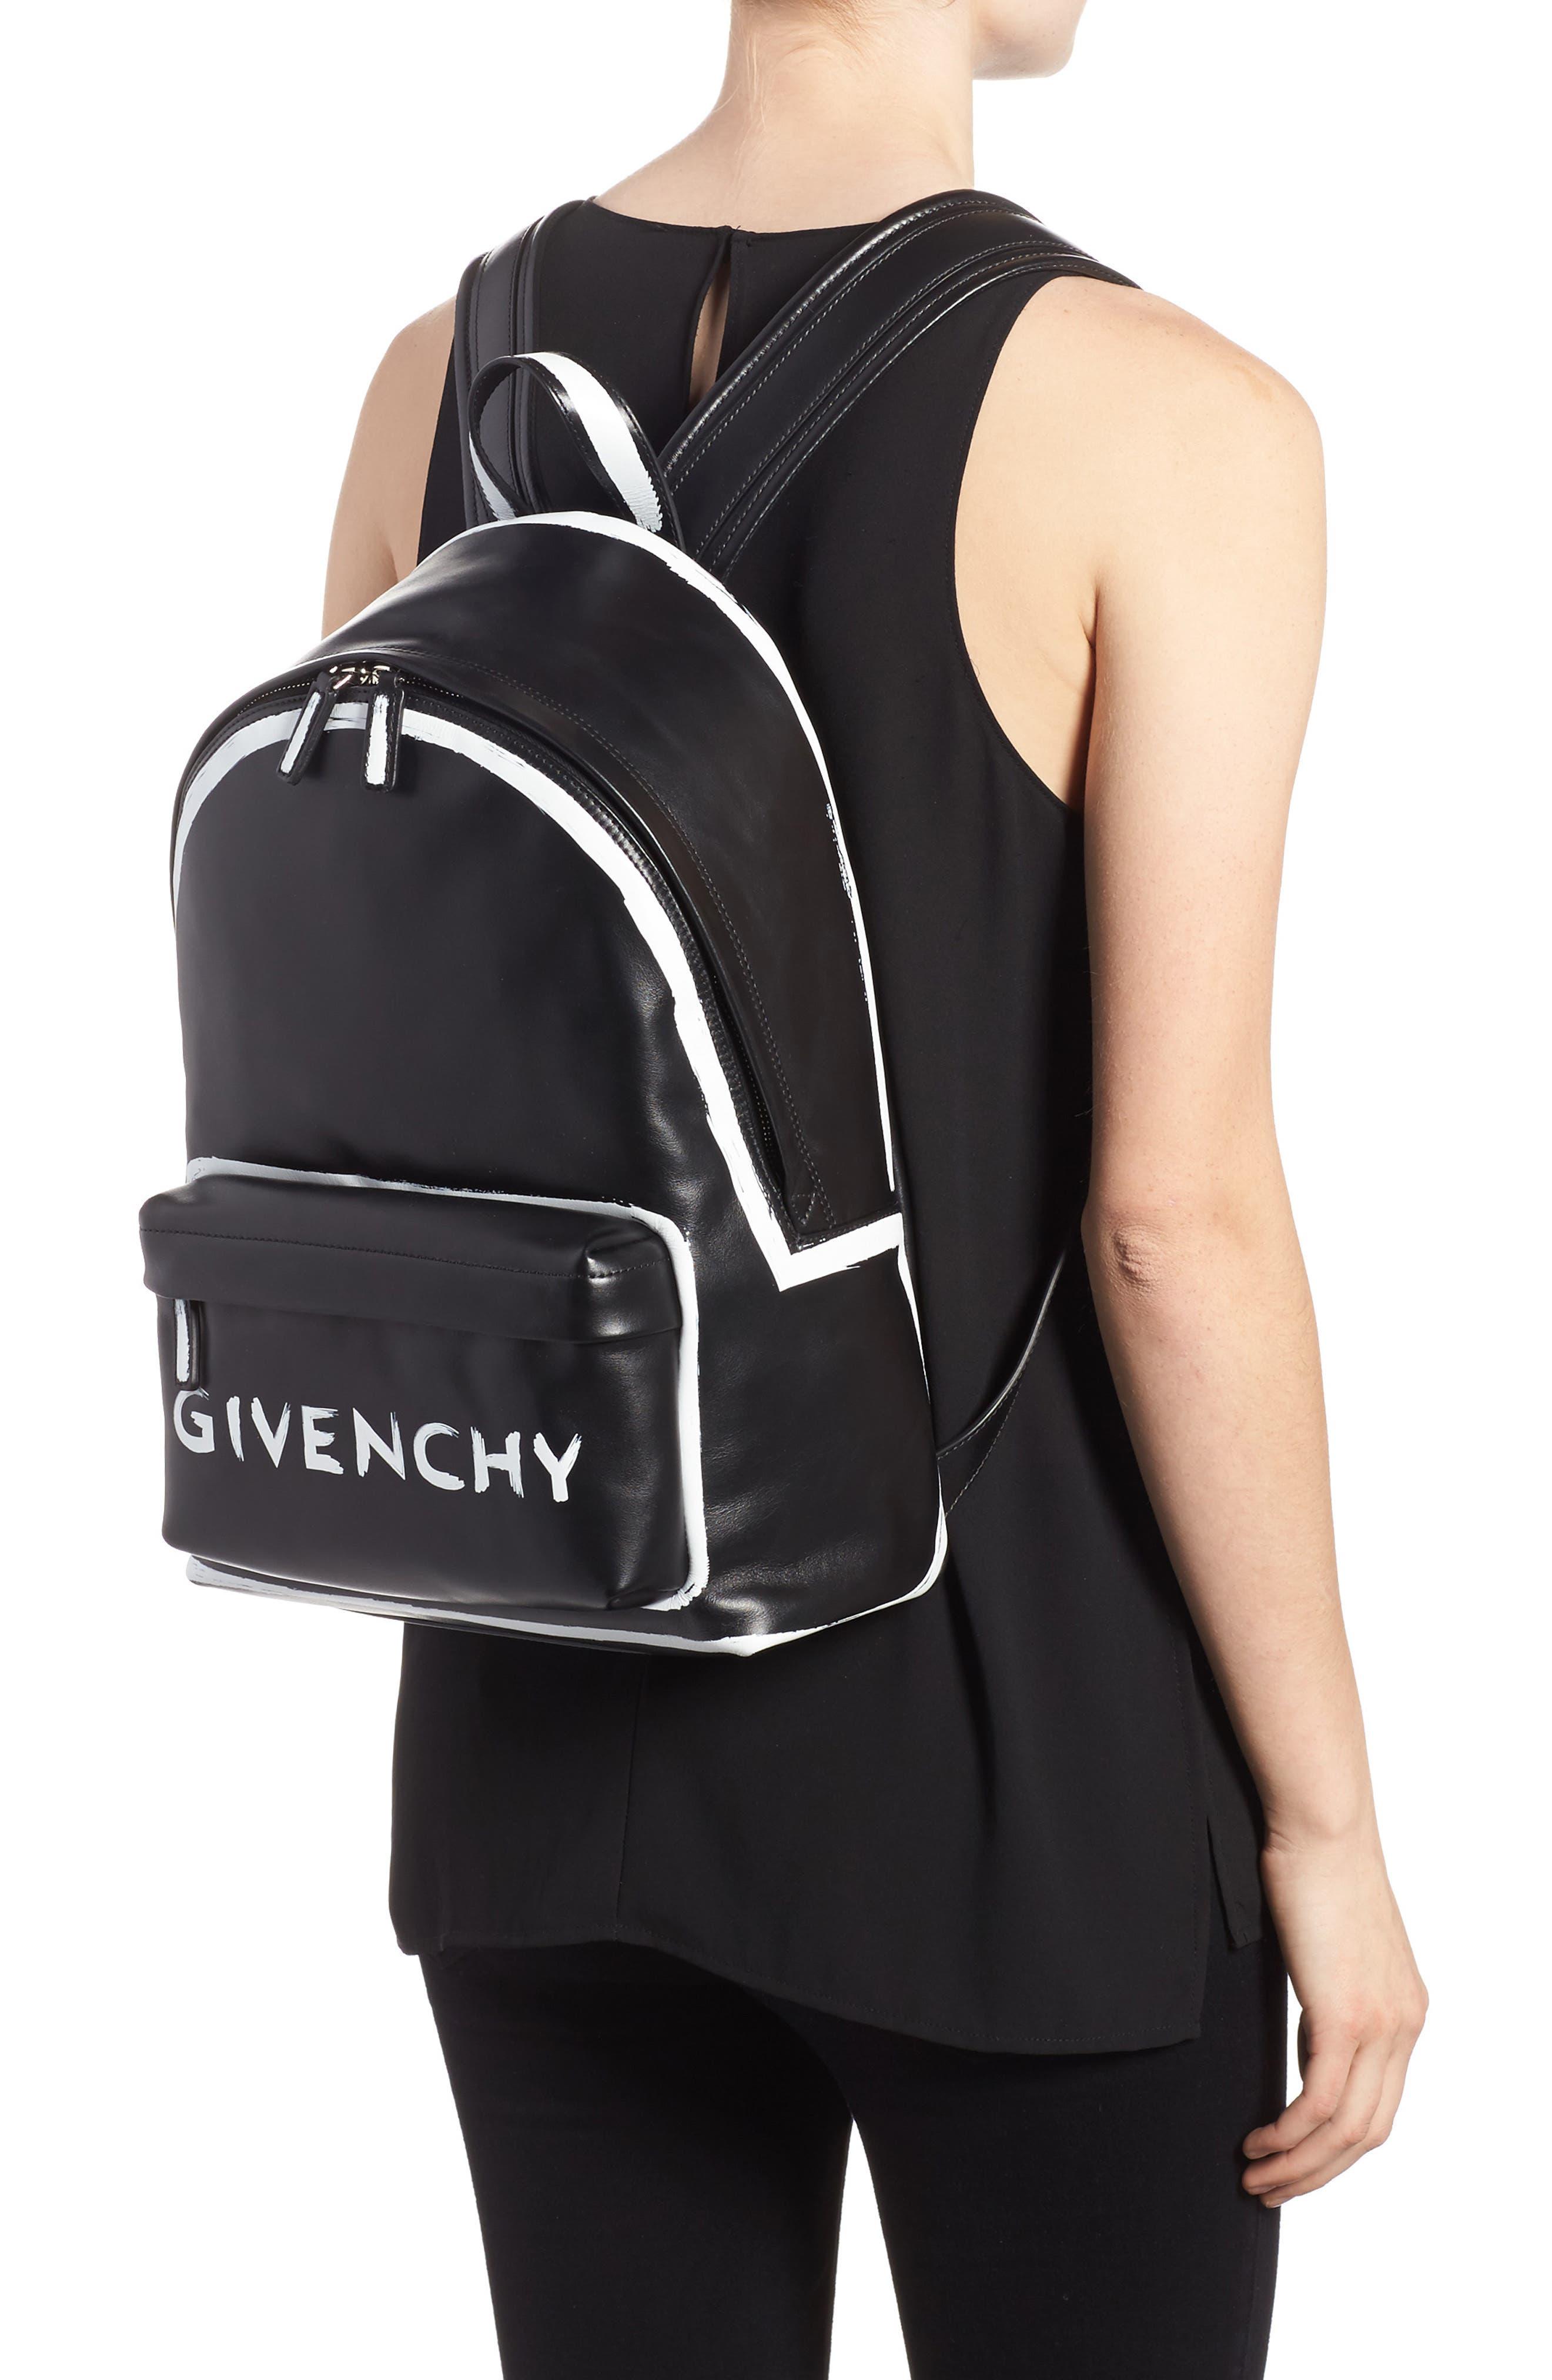 Graffiti Calfskin Leather Backpack,                             Alternate thumbnail 2, color,                             BLACK/ WHITE